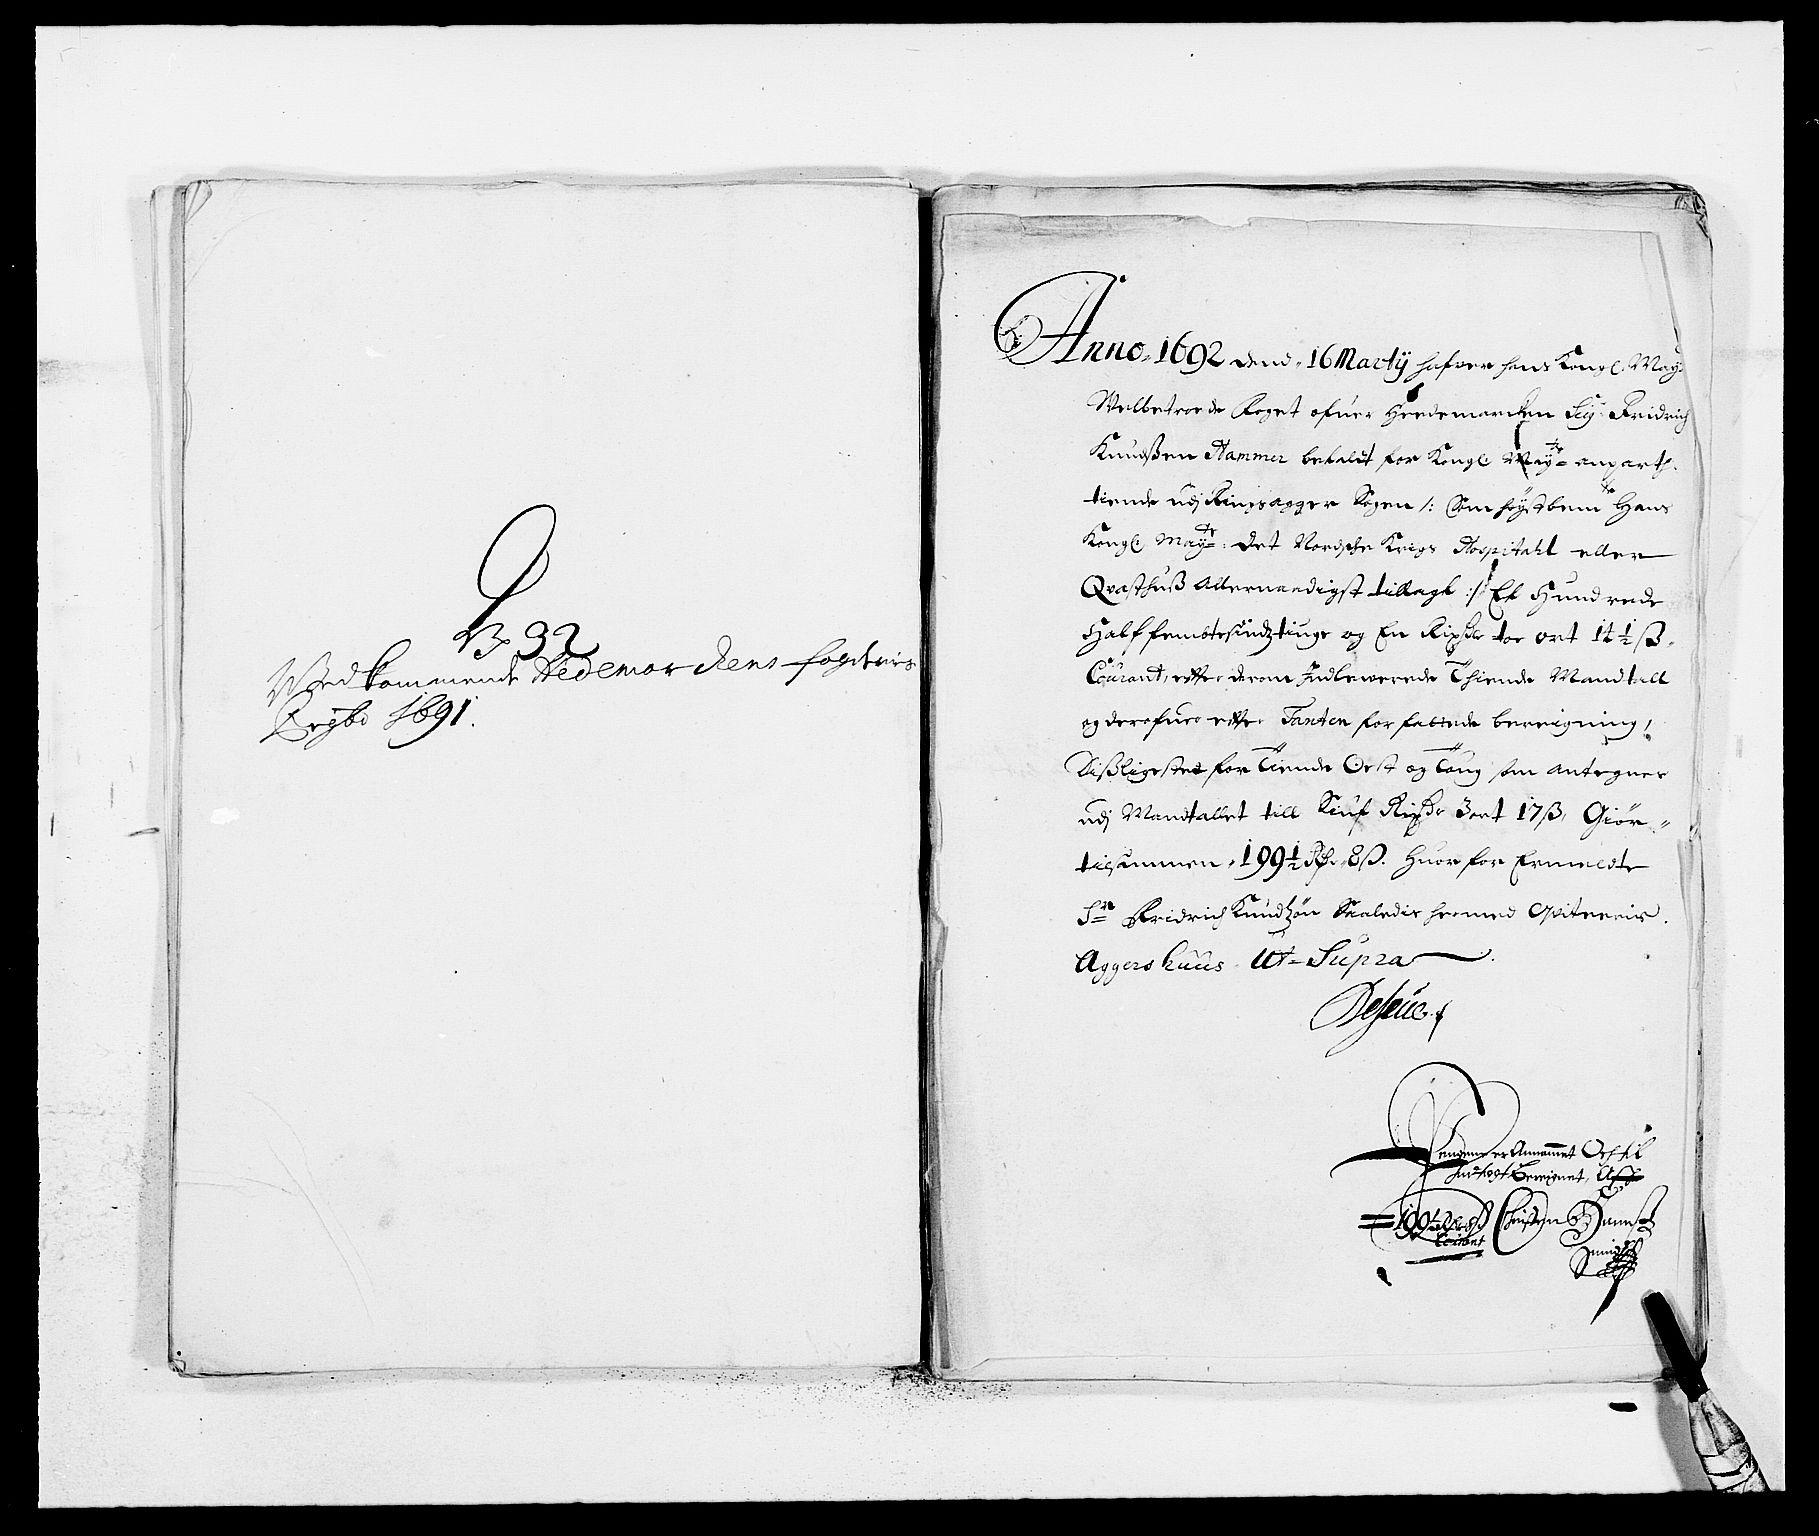 RA, Rentekammeret inntil 1814, Reviderte regnskaper, Fogderegnskap, R16/L1032: Fogderegnskap Hedmark, 1689-1692, s. 25